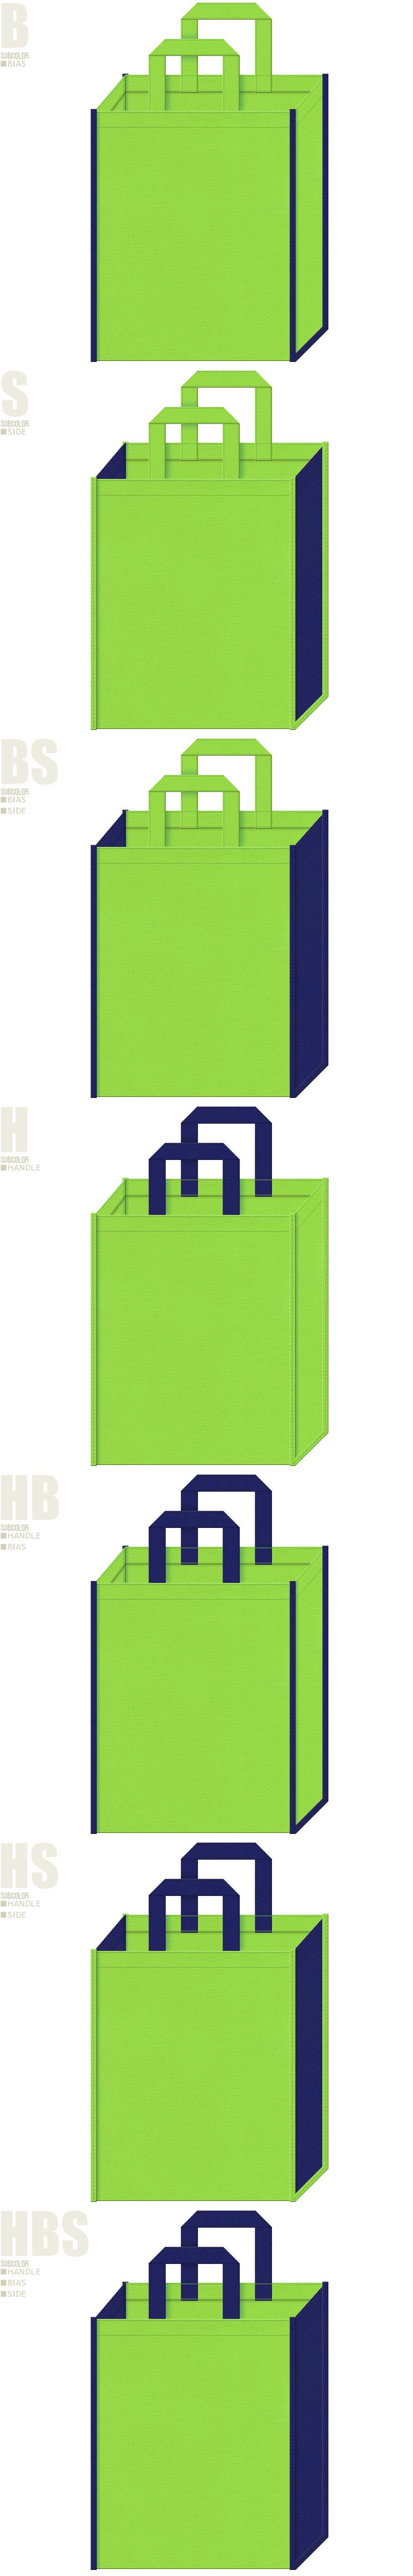 スポーツ・アウトドア用品の展示会用バッグにお奨めの不織布バッグデザイン:黄緑色と明るい紺色の不織布バッグ配色7パターン。